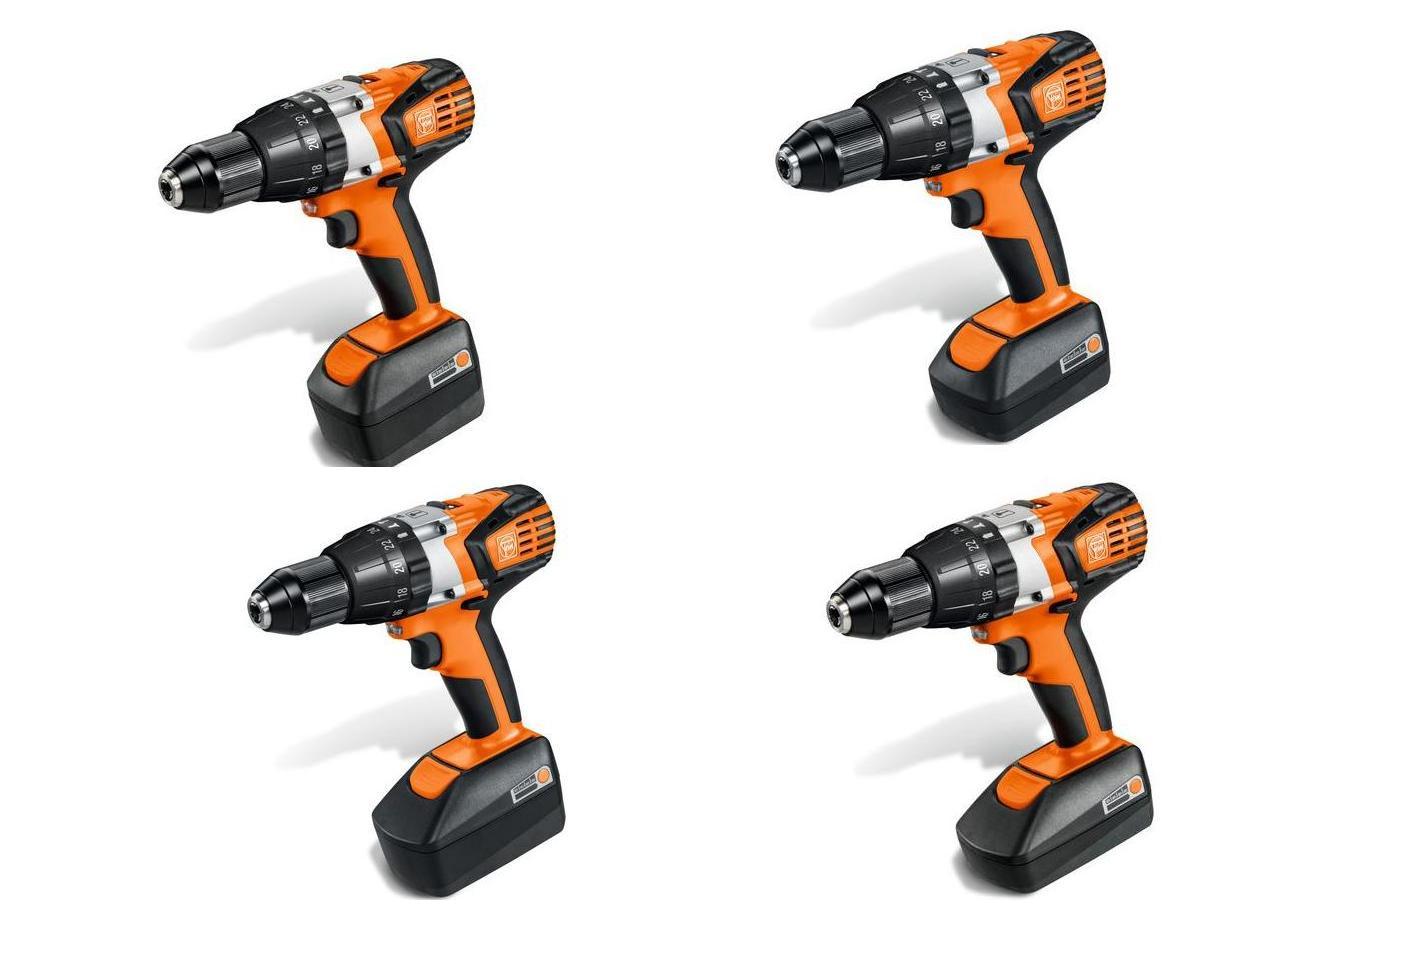 FEIN accu Klopboormachine | DKMTools - DKM Tools